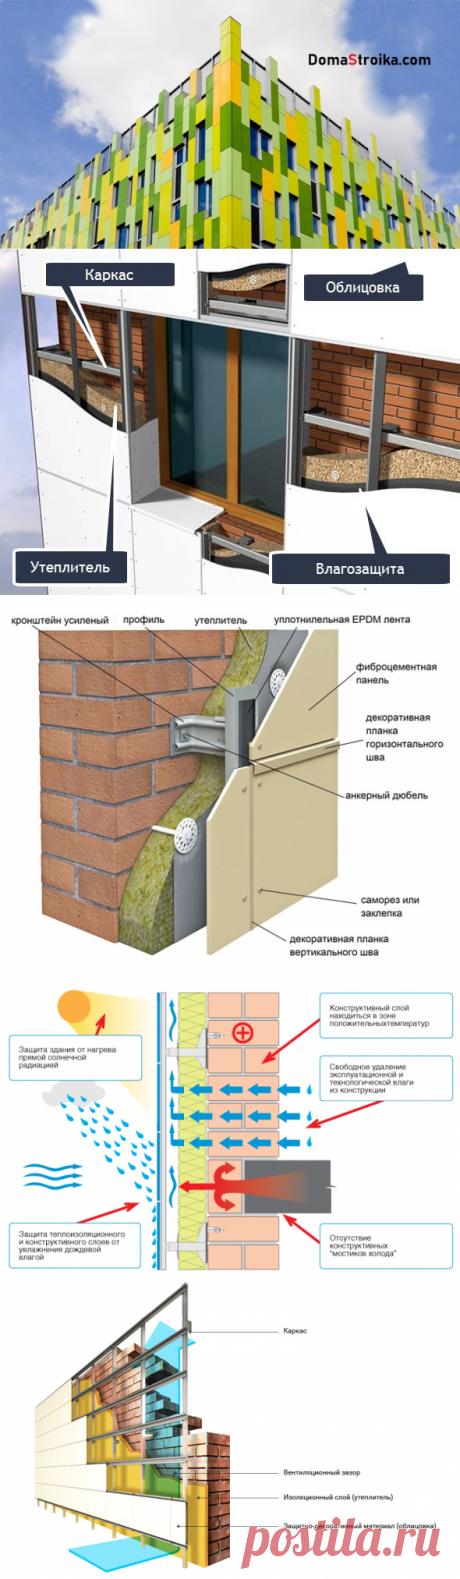 Для чего нужен вентилируемый фасад? ⋆ DomaStroika.com